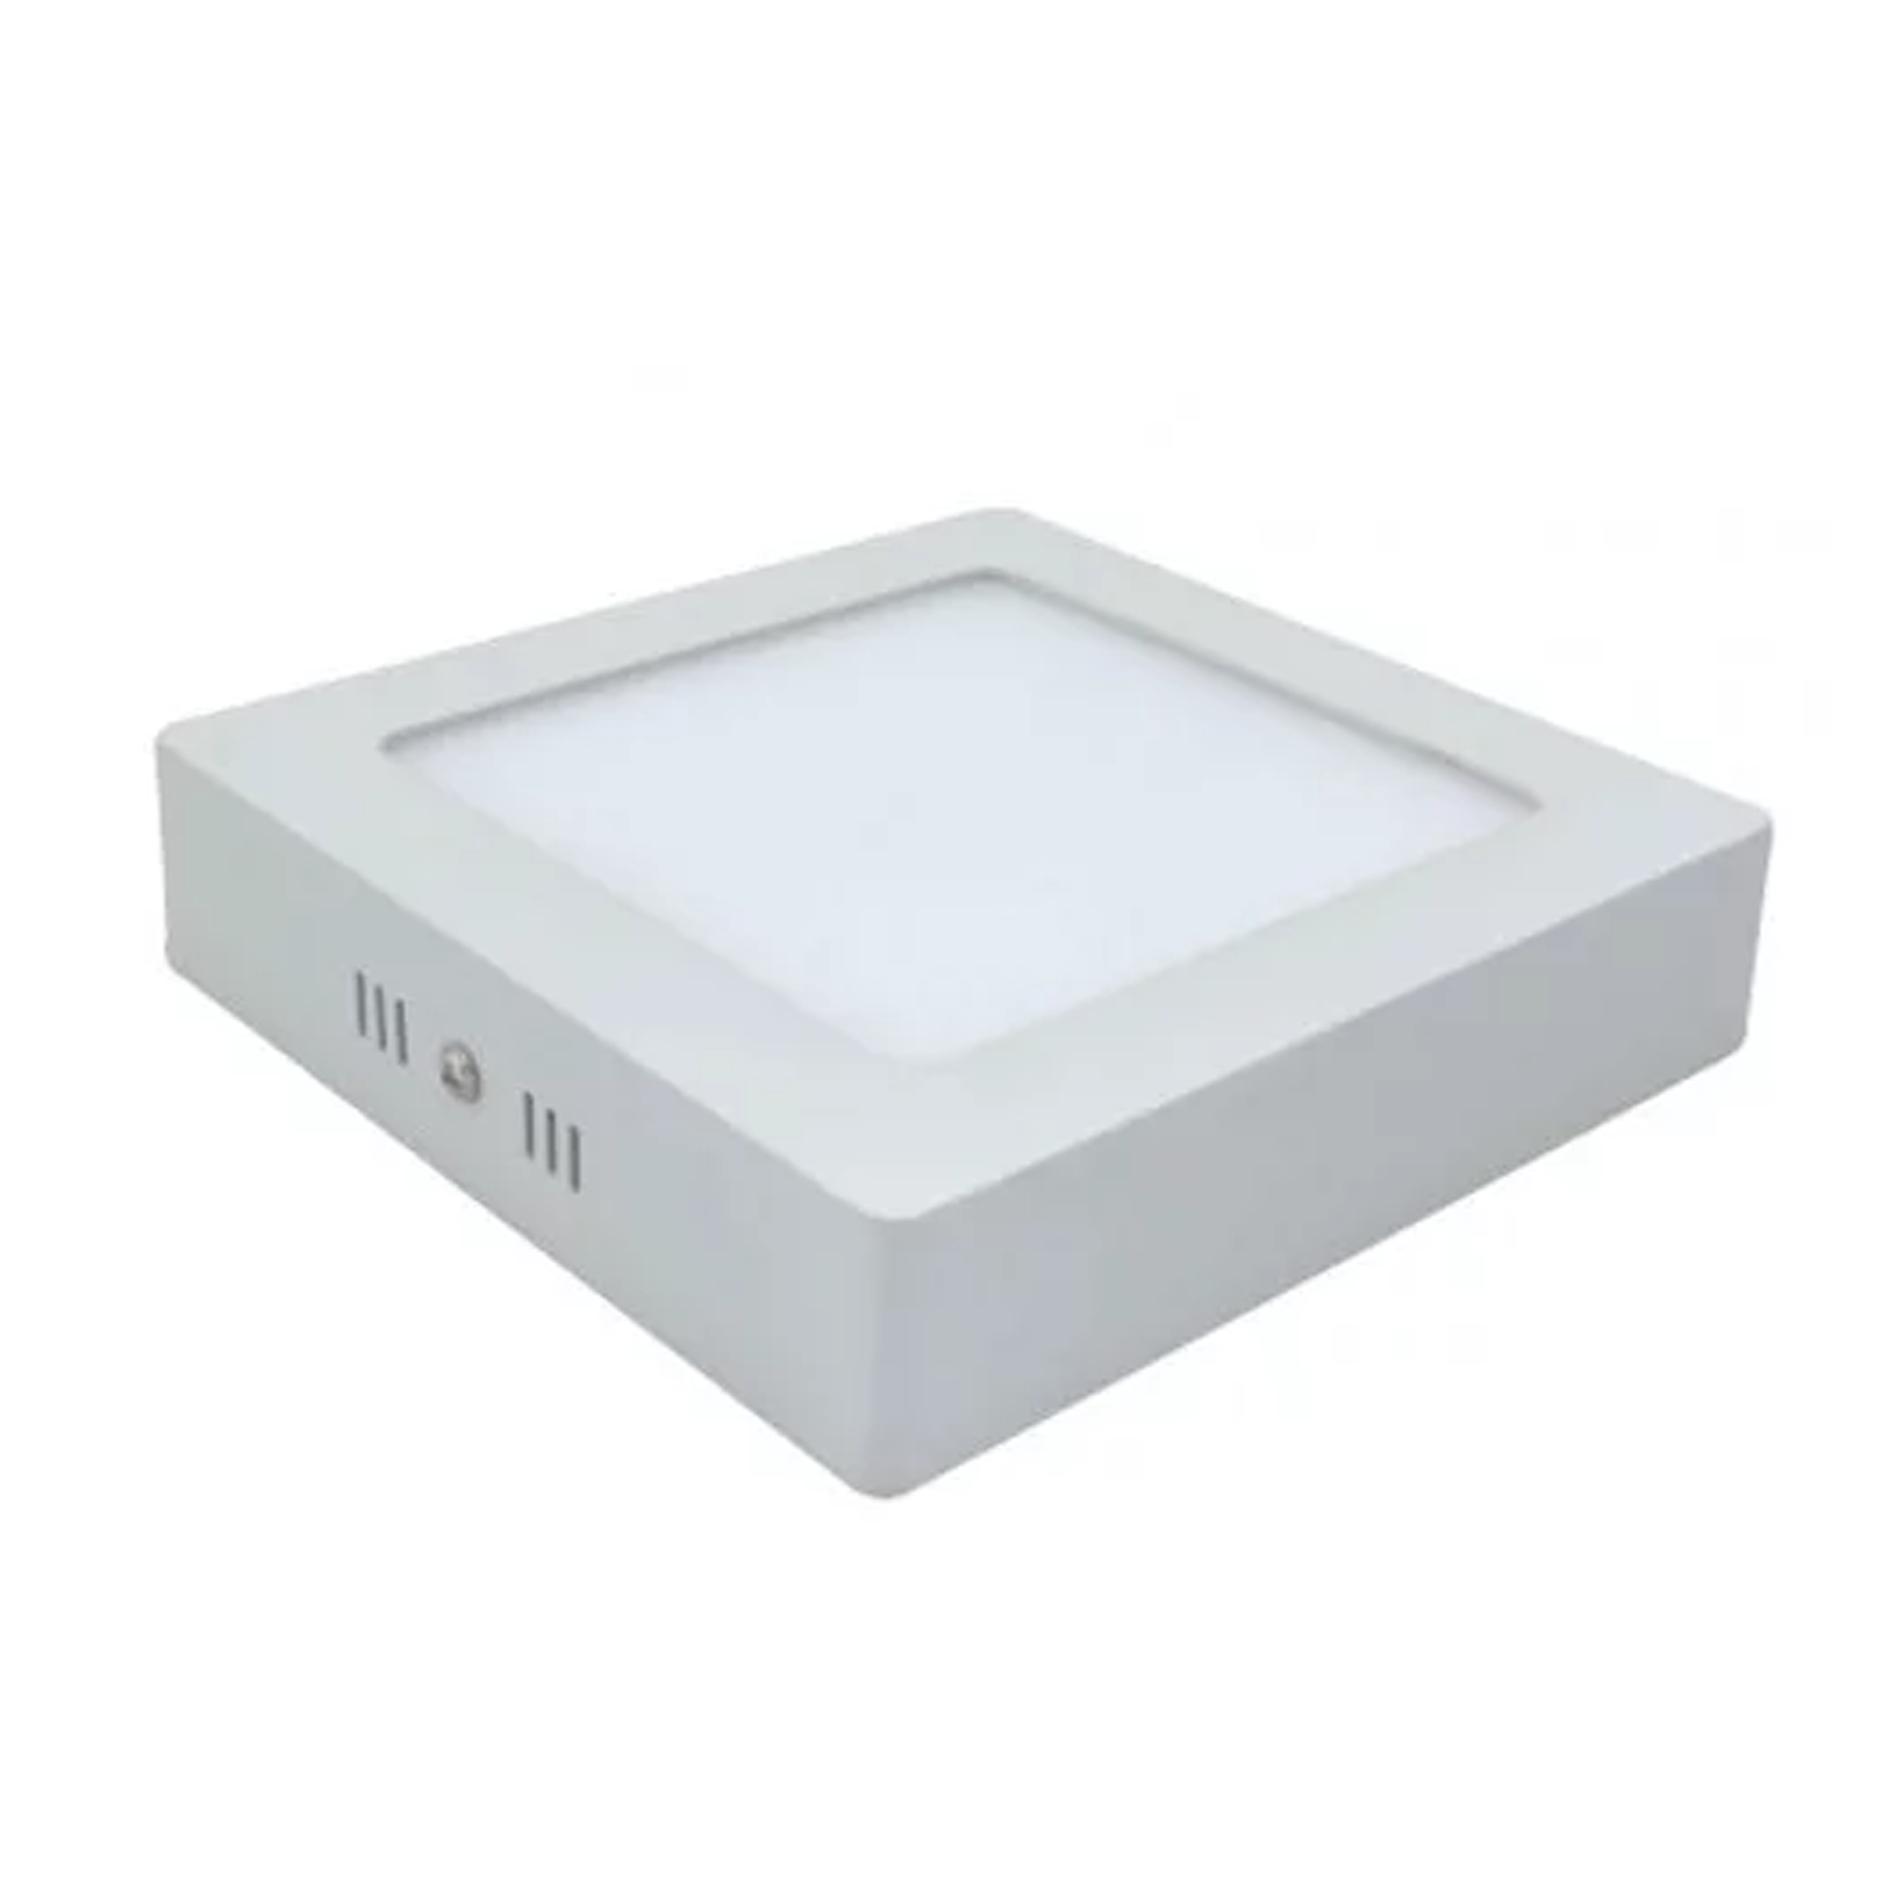 Plafon LED Sobrepor 36W Quadrado / Branco quente